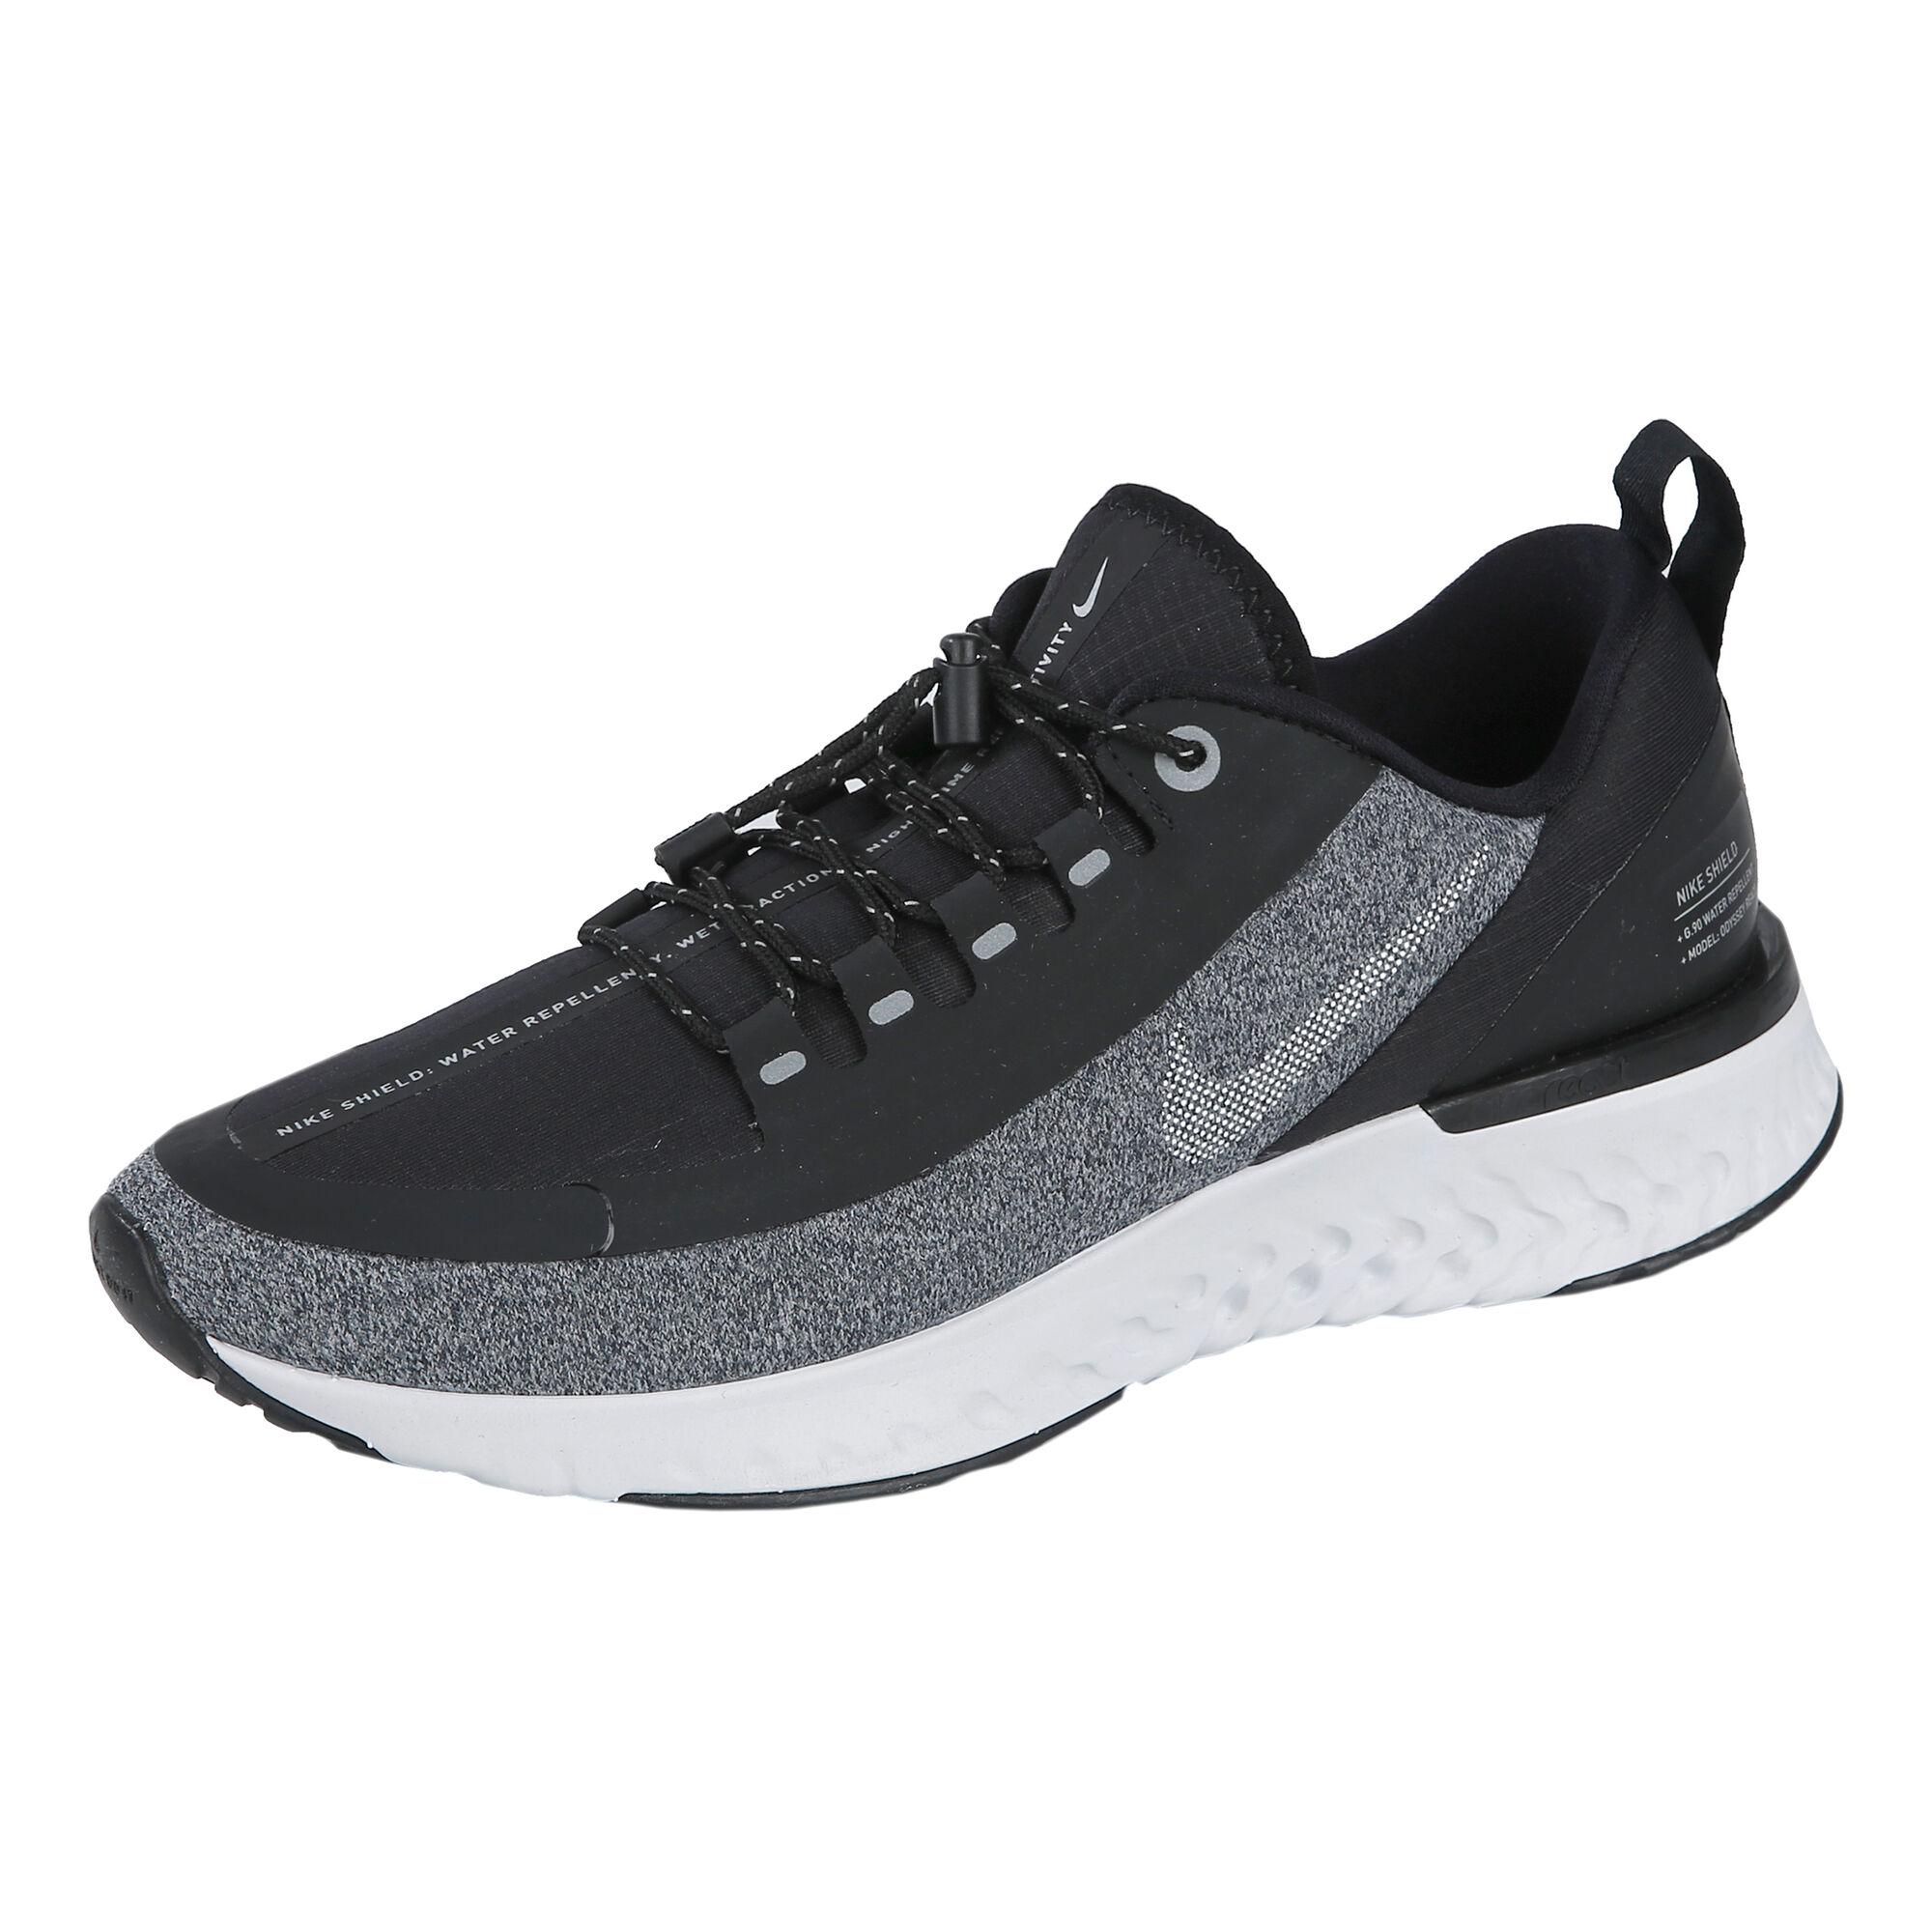 a9d6a8bd0e9f Nike  Nike  Nike  Nike  Nike  Nike  Nike  Nike  Nike  Nike. Odyssey React  Shield Women ...